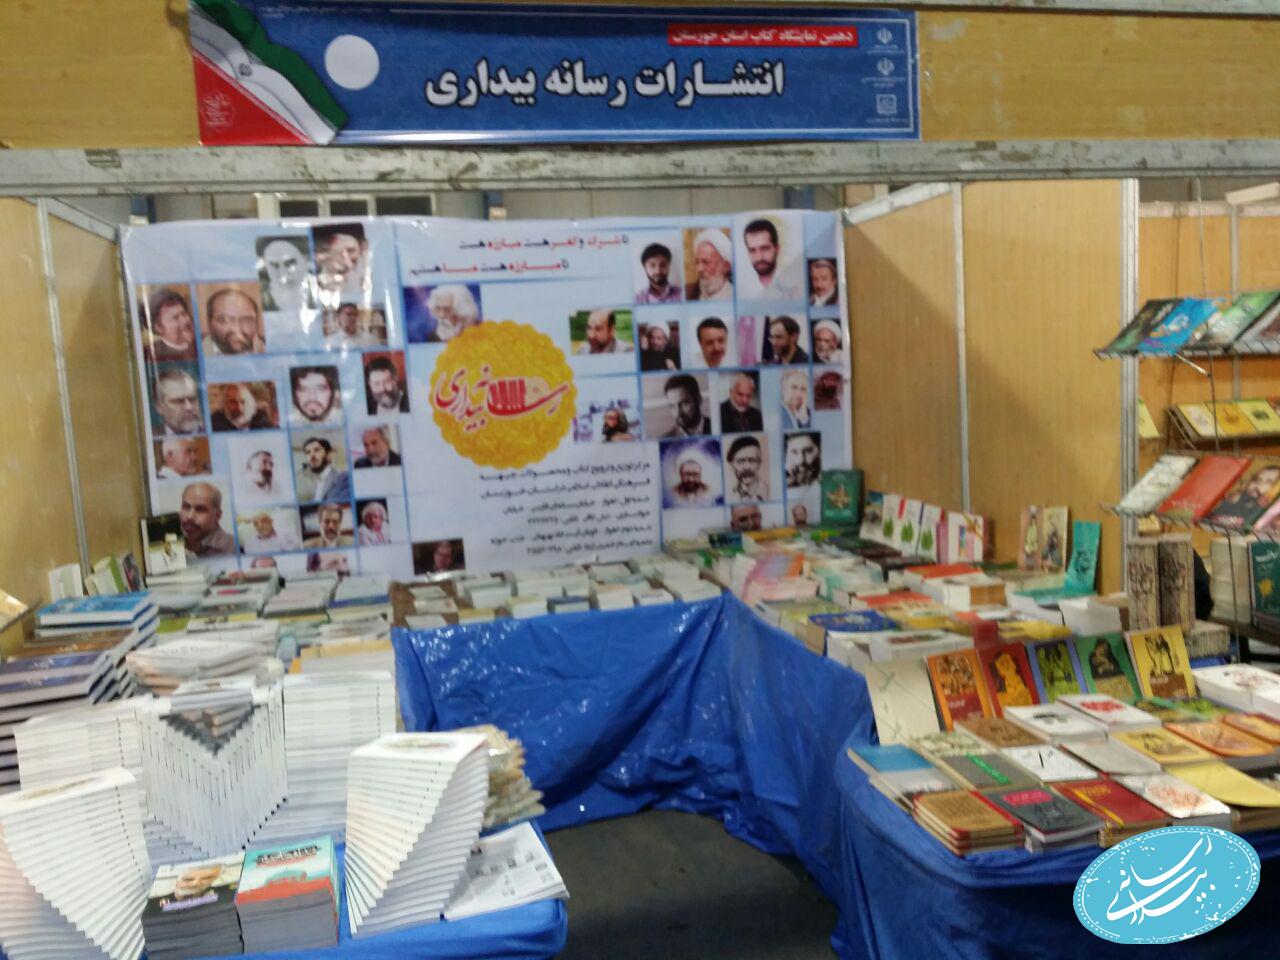 حضور مرکز رسانه بیداری در دهمین نمایشگاه کتاب خوزستان